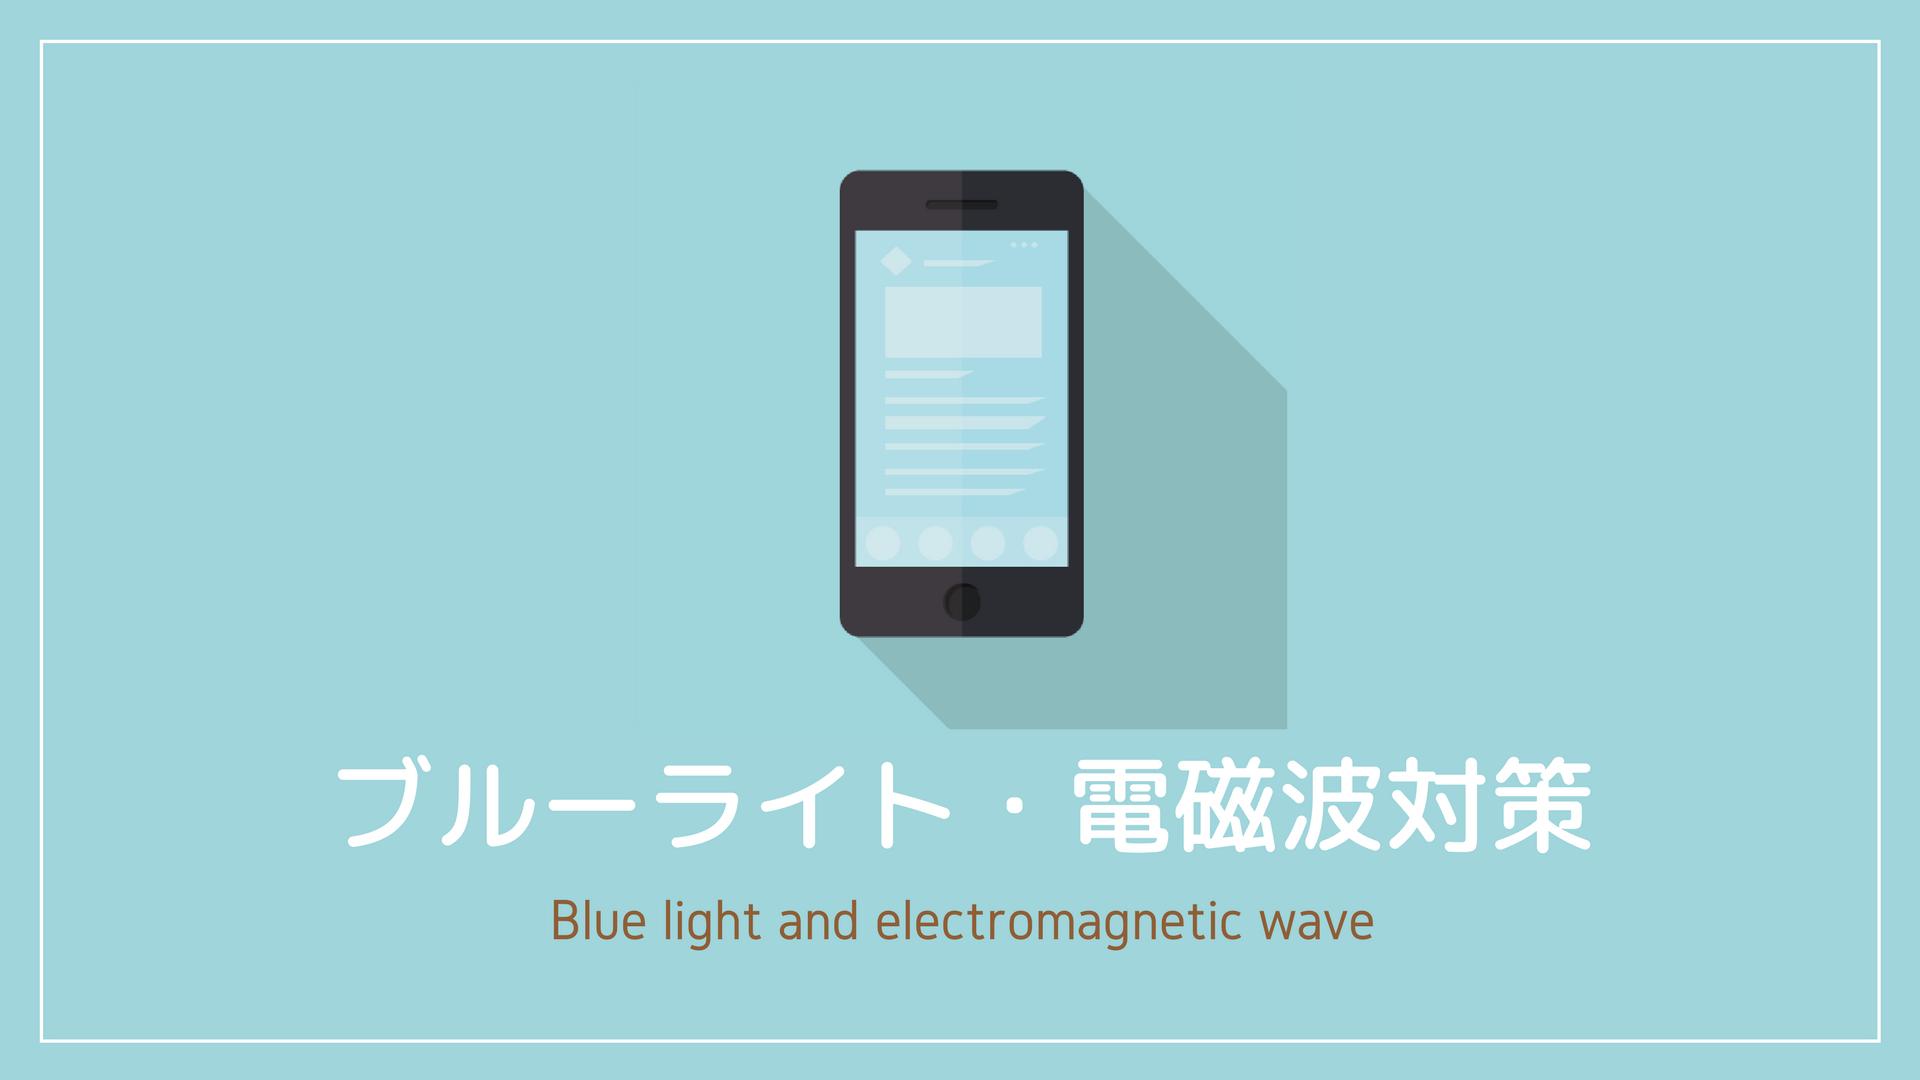 スマホが手放せない子どものために、無料でできるブルーライト・電磁波対策